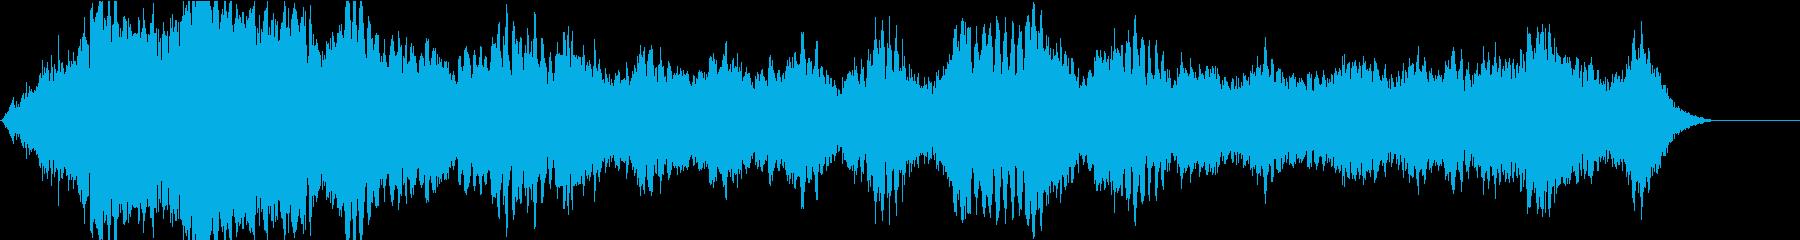 ドローン エジプトロー02の再生済みの波形